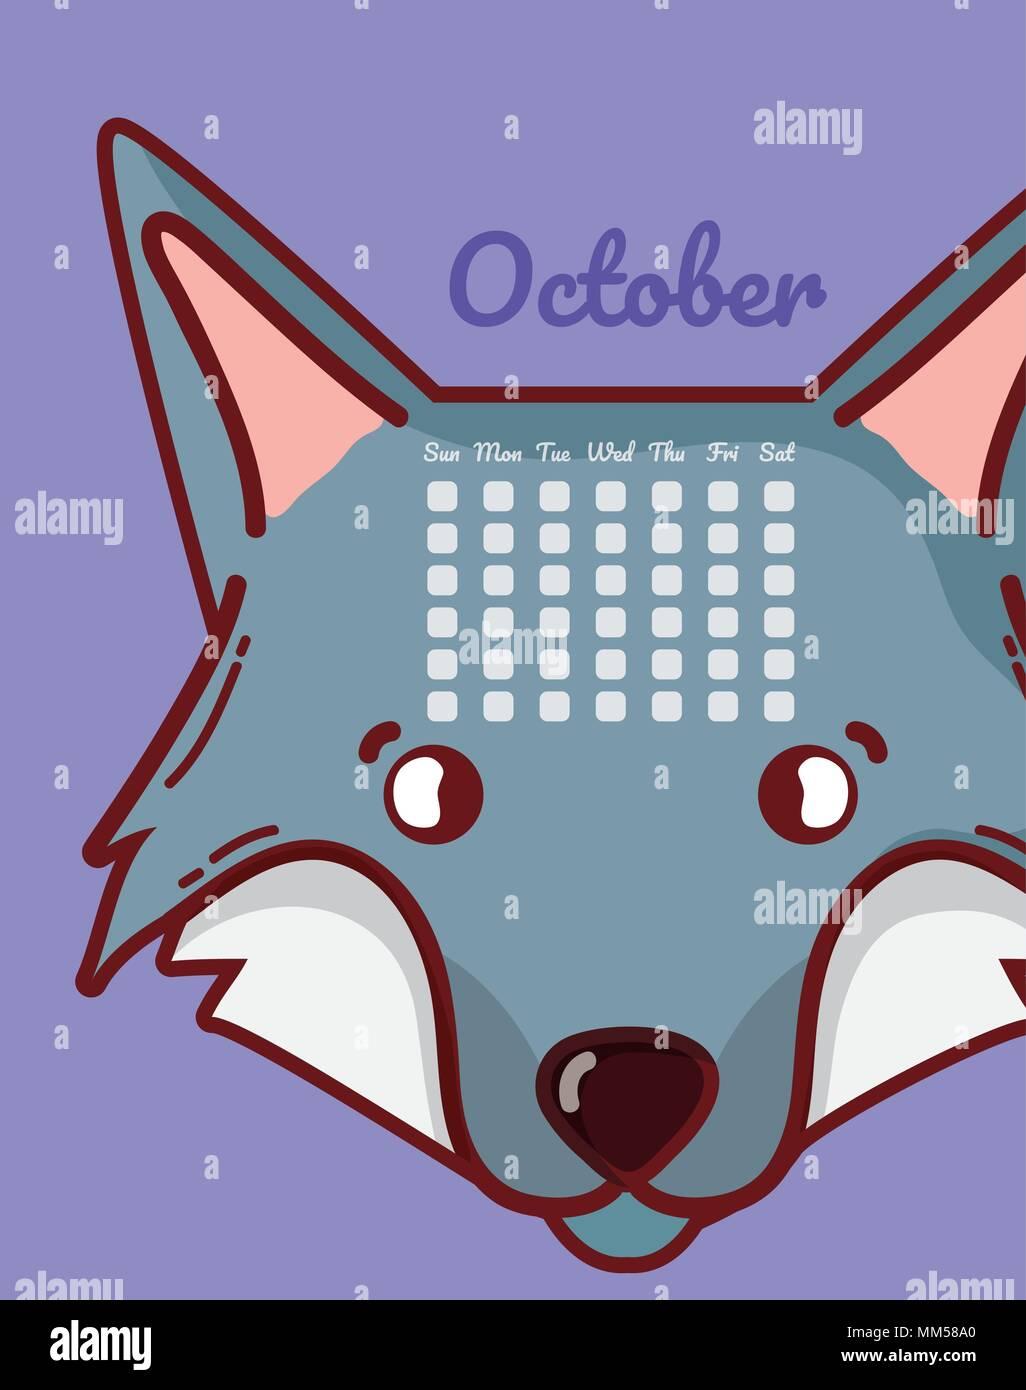 Calendrier Dessin Anime.Wolf Et Calendrier Concept Dessin Anime Vecteurs Et